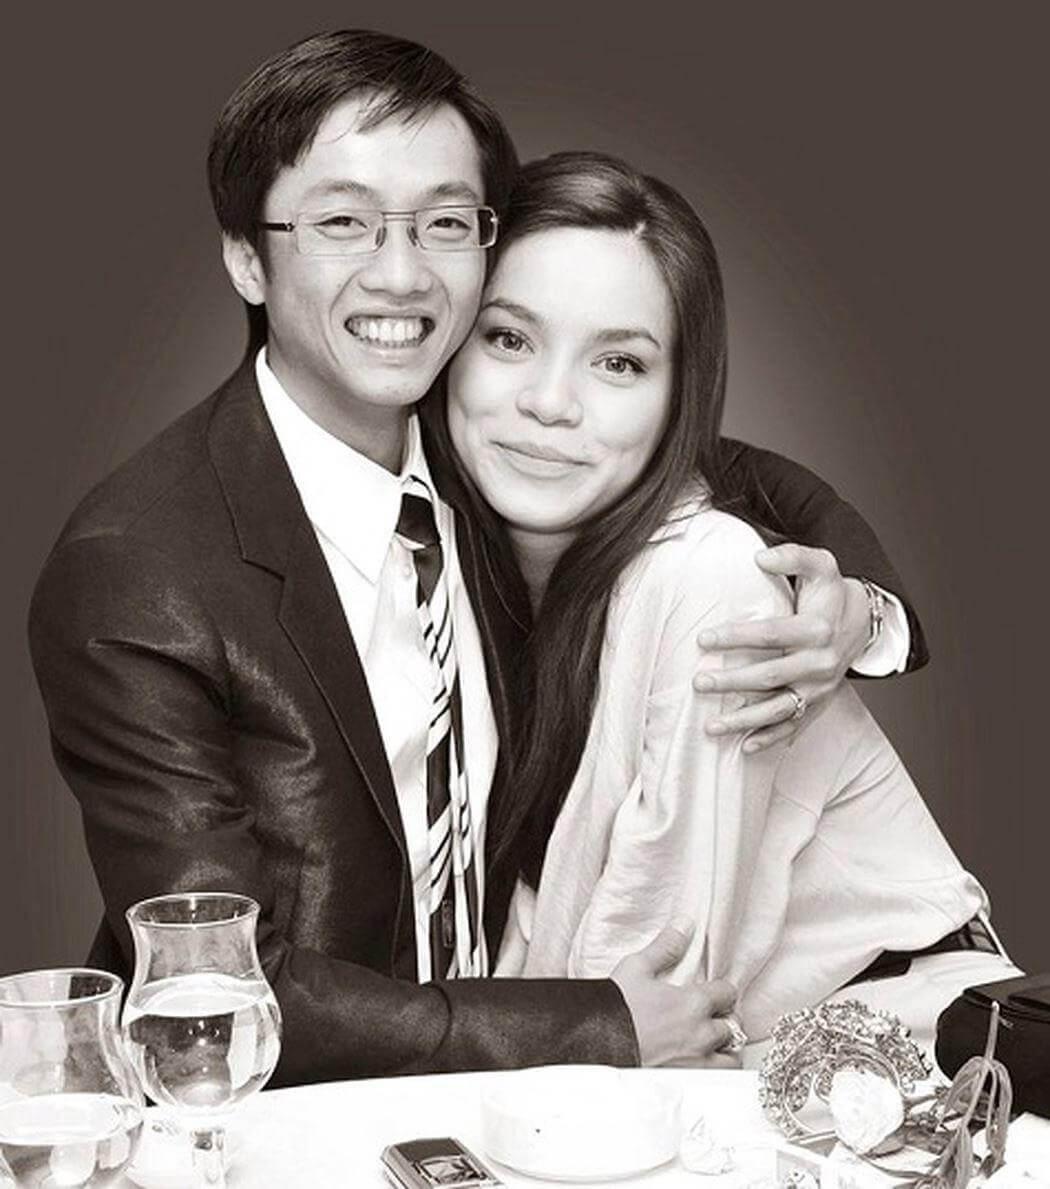 Tuy không có lễ cưới chính thức, nhưng Hồ Ngọc Hà vẫn là người vợ đầu tiên của Cường Đô La, sinh con đầu lòng cho vị đại gia 8X.